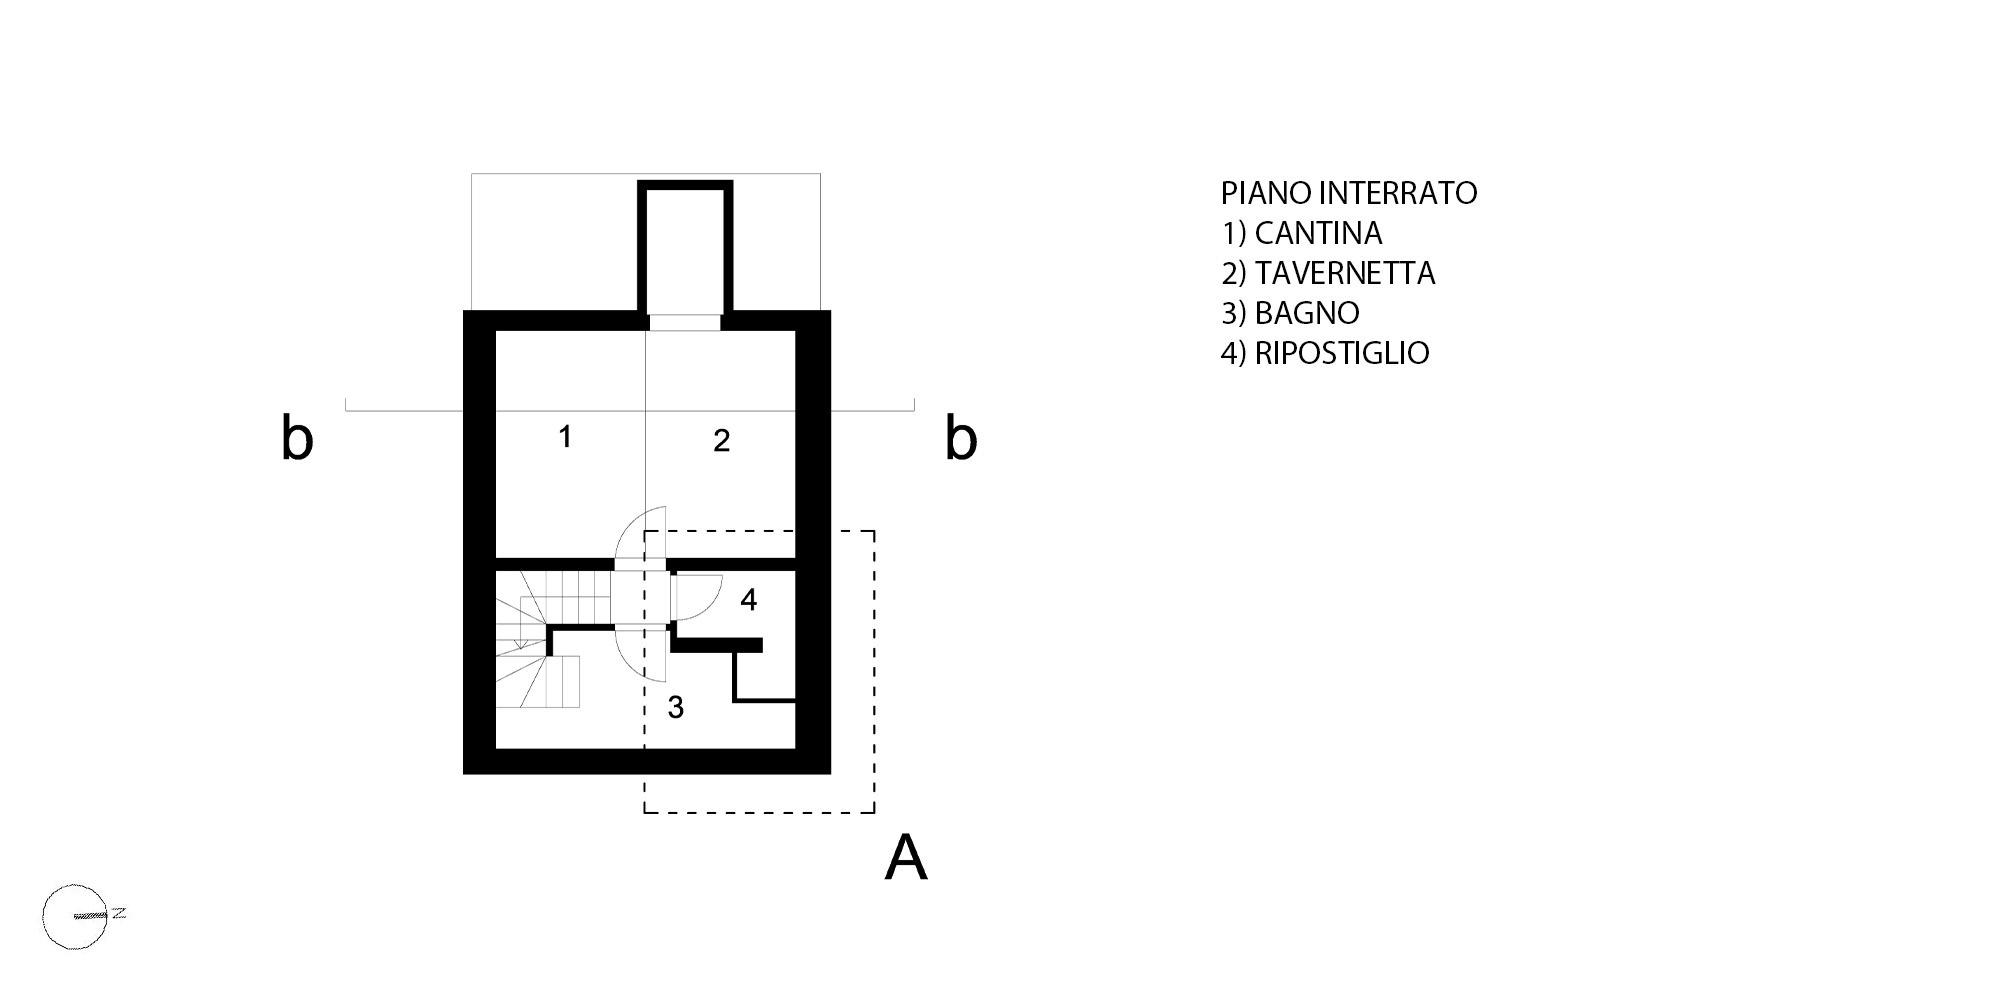 Pianta Piano Interrato © Piraccini + Potente Architettur